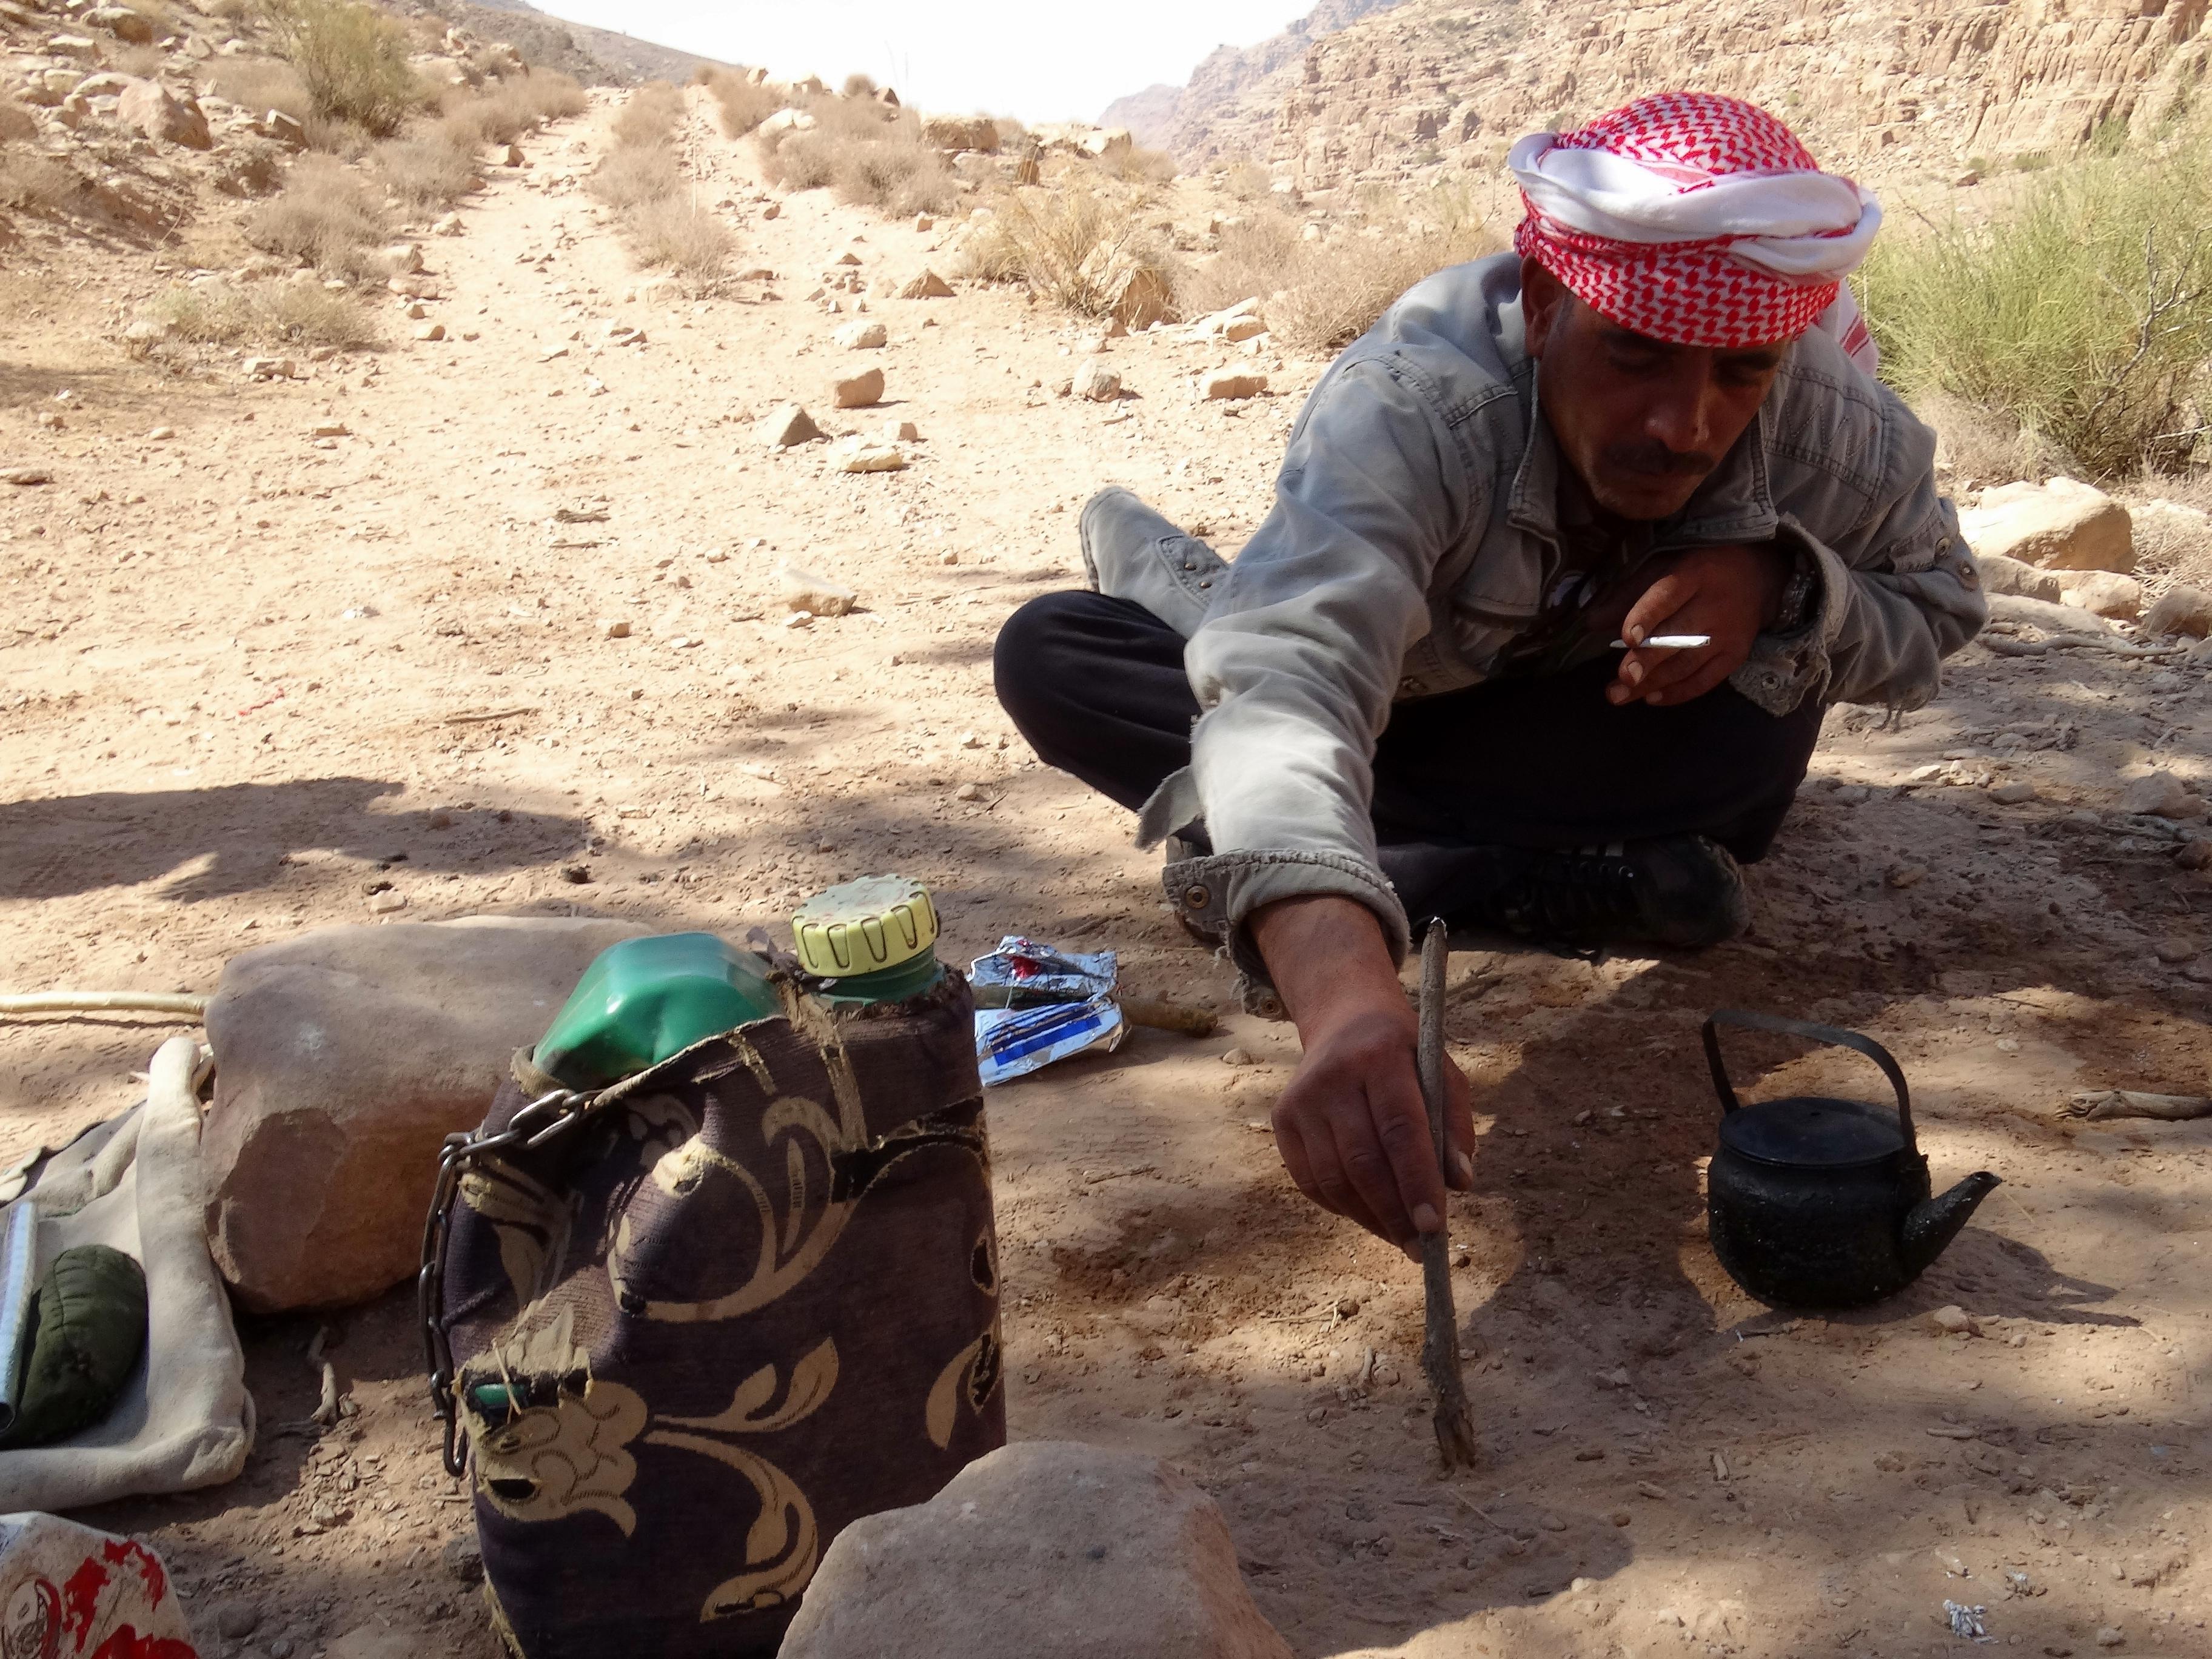 A Bedouin Shepherd in Wadi Dana Valley, Dana Reserve, Jordan